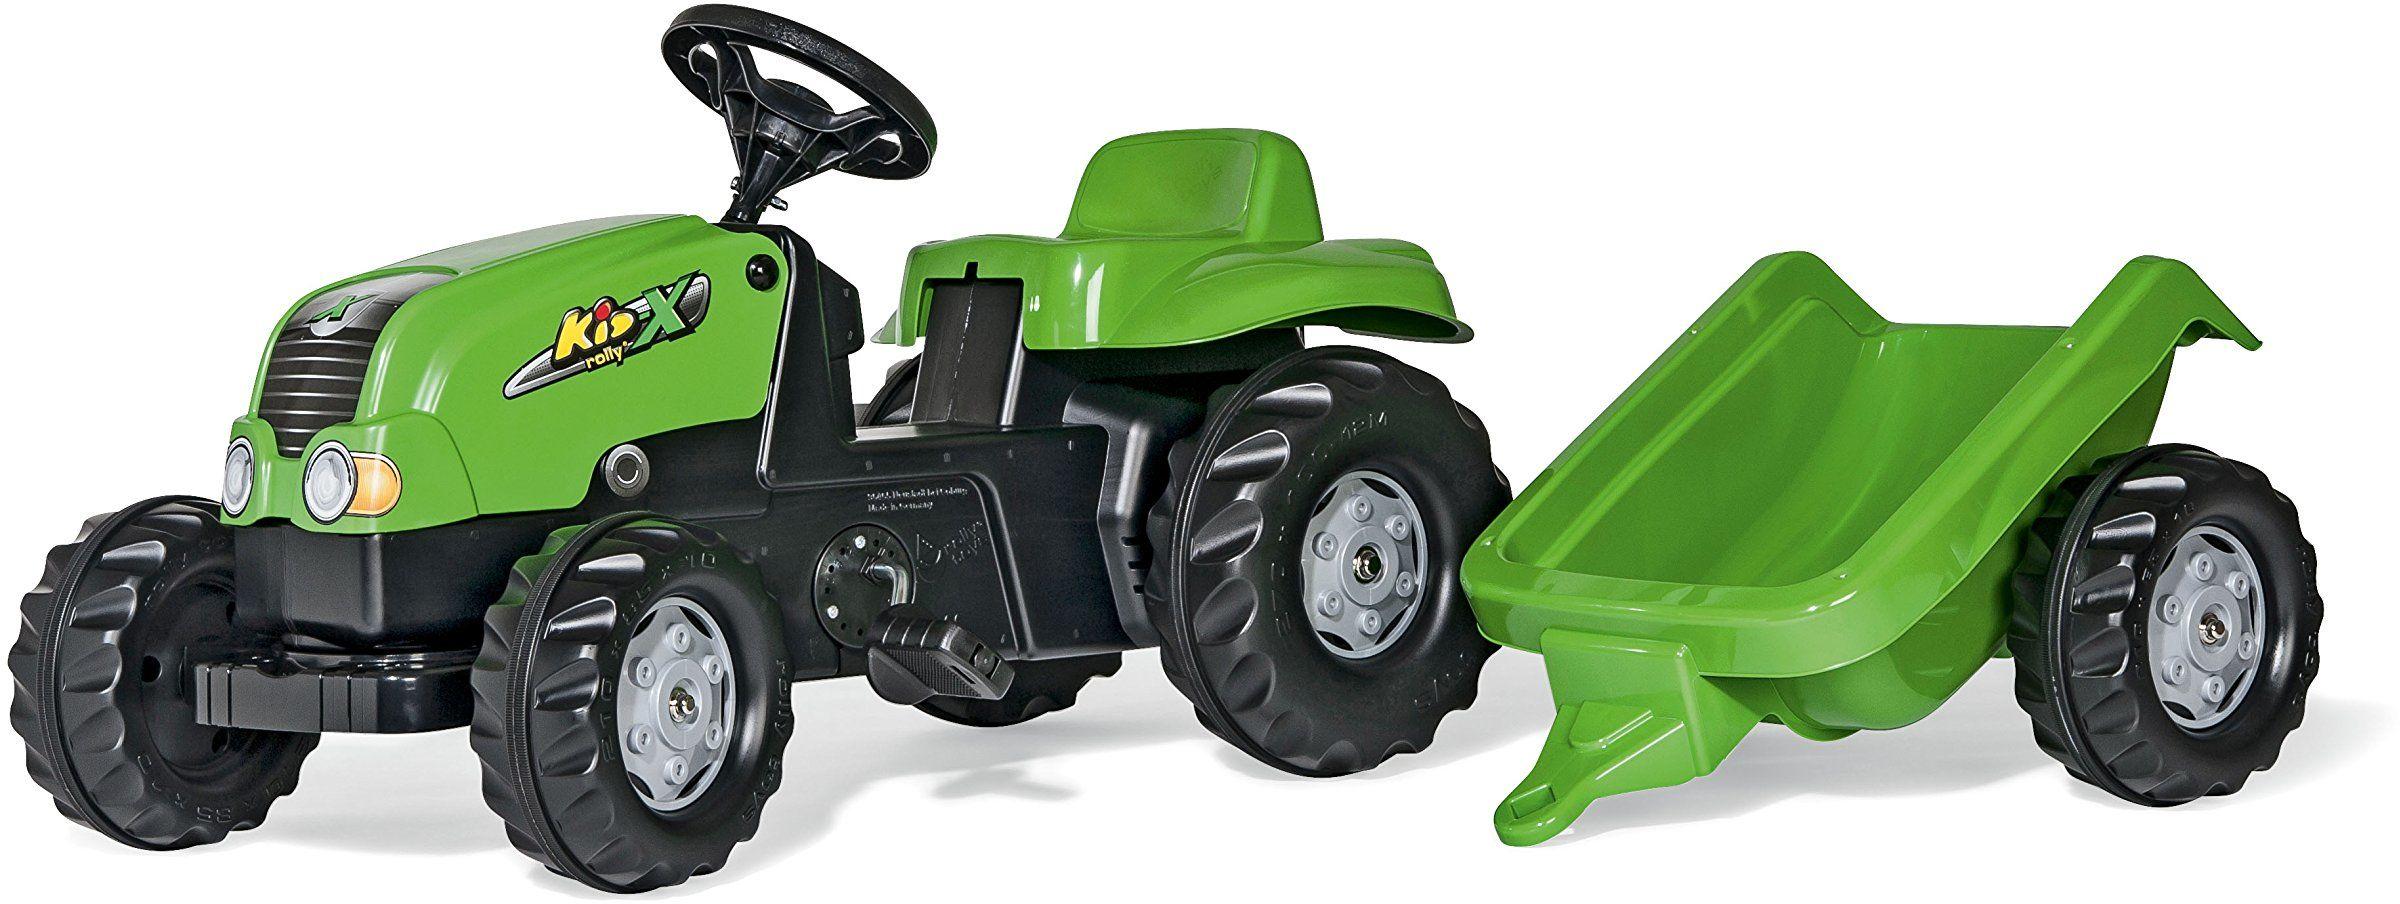 Rolly Toys rollyKid-X 012169 traktor do pedałów z przyczepą (dla dzieci w wieku od 2,5 do 5 lat, hak tylny)